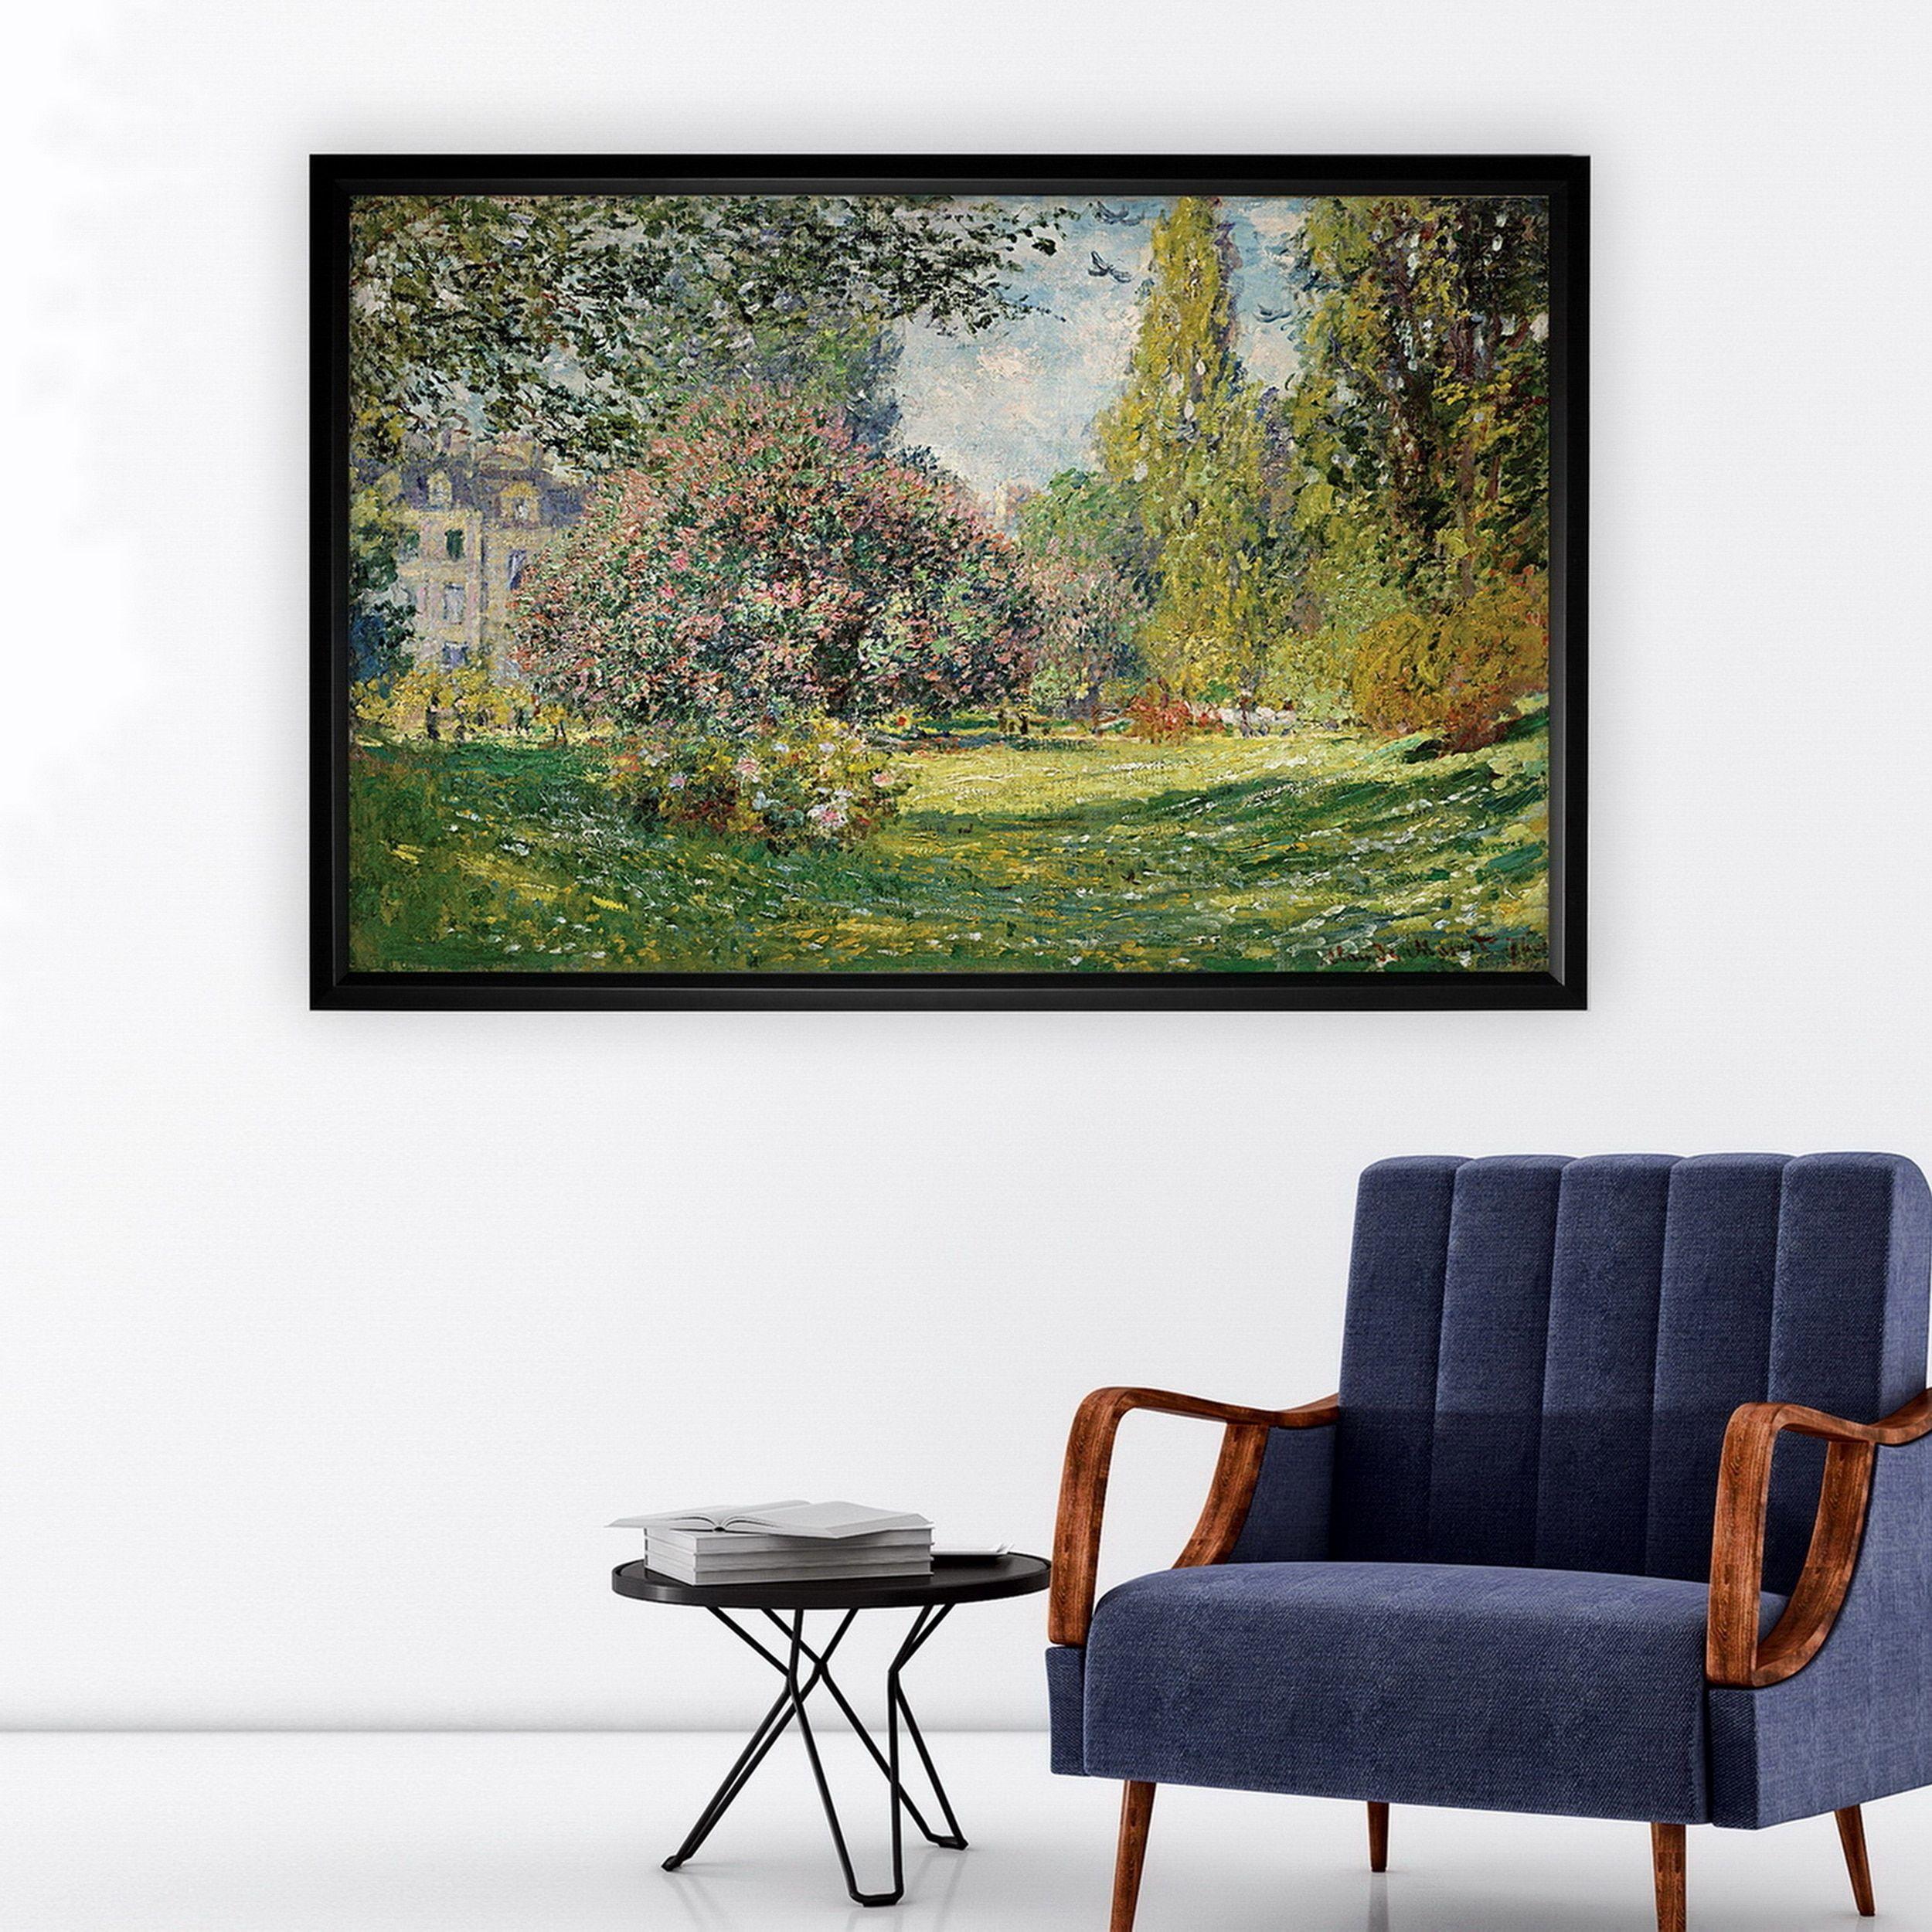 Parc monceau paris black frame by wexford home online art